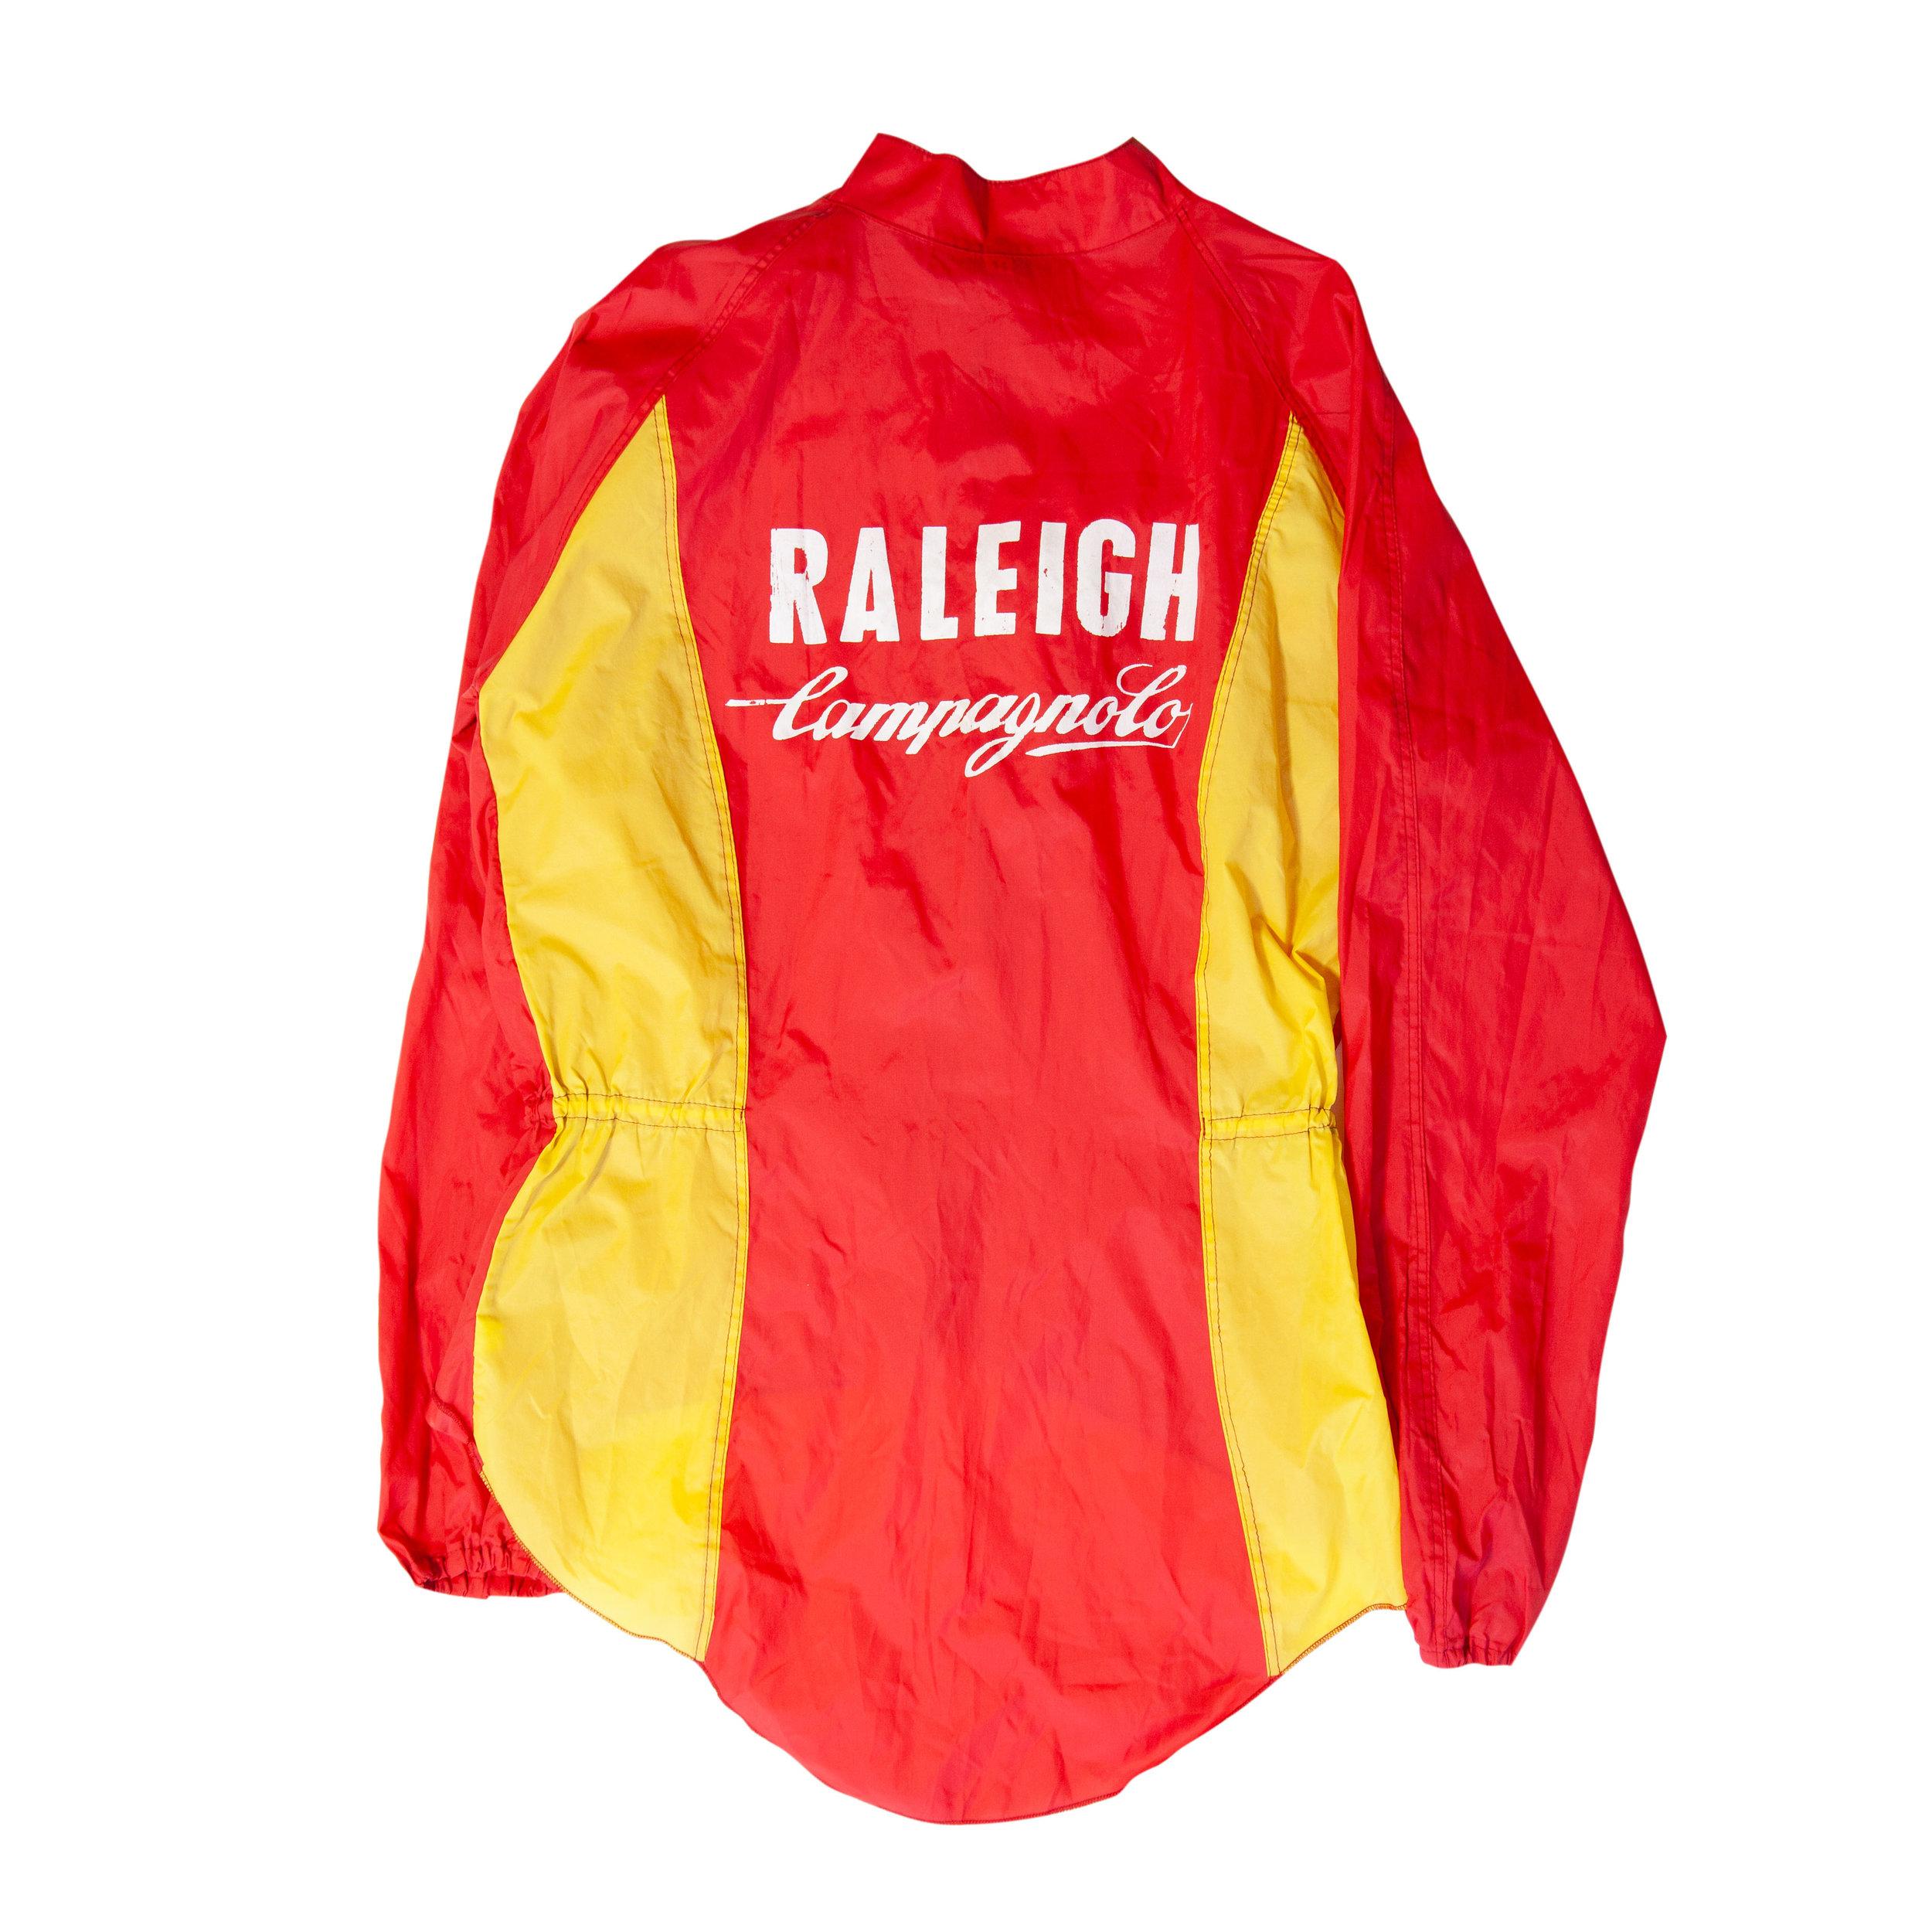 Raleigh---Johan-vd-Velde.jpg